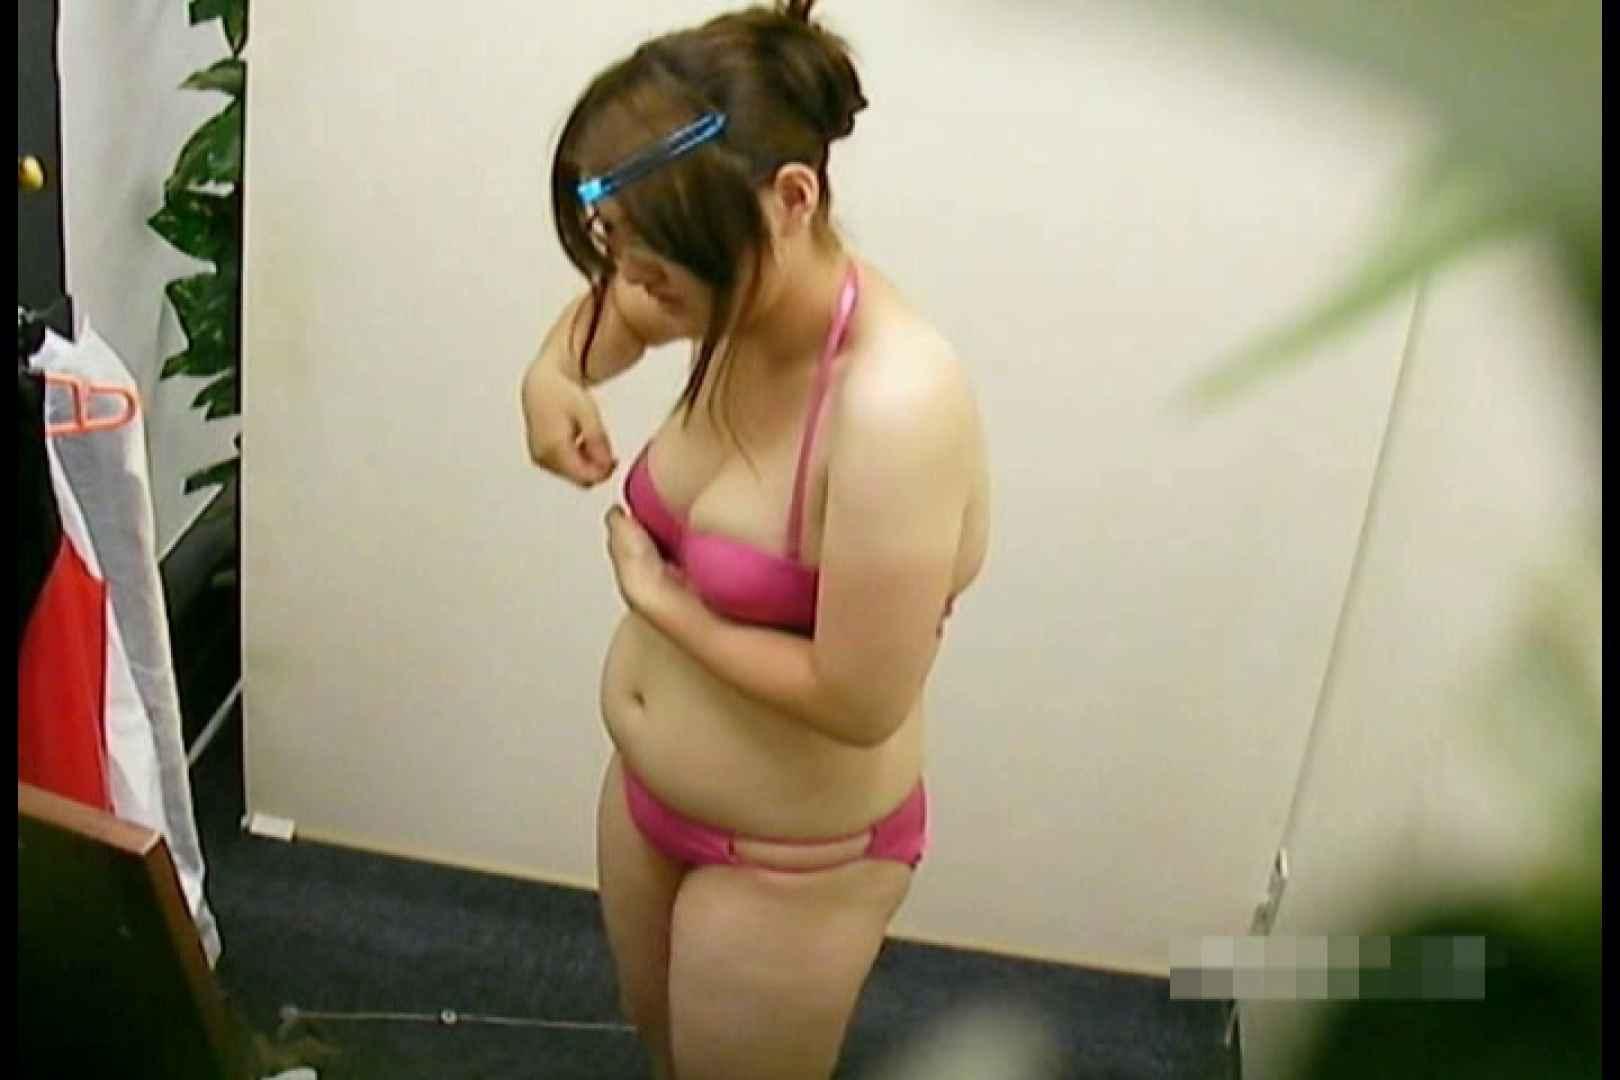 素人撮影 下着だけの撮影のはずが・・・えりか18歳 巨乳特別編 SEX無修正画像 112枚 47